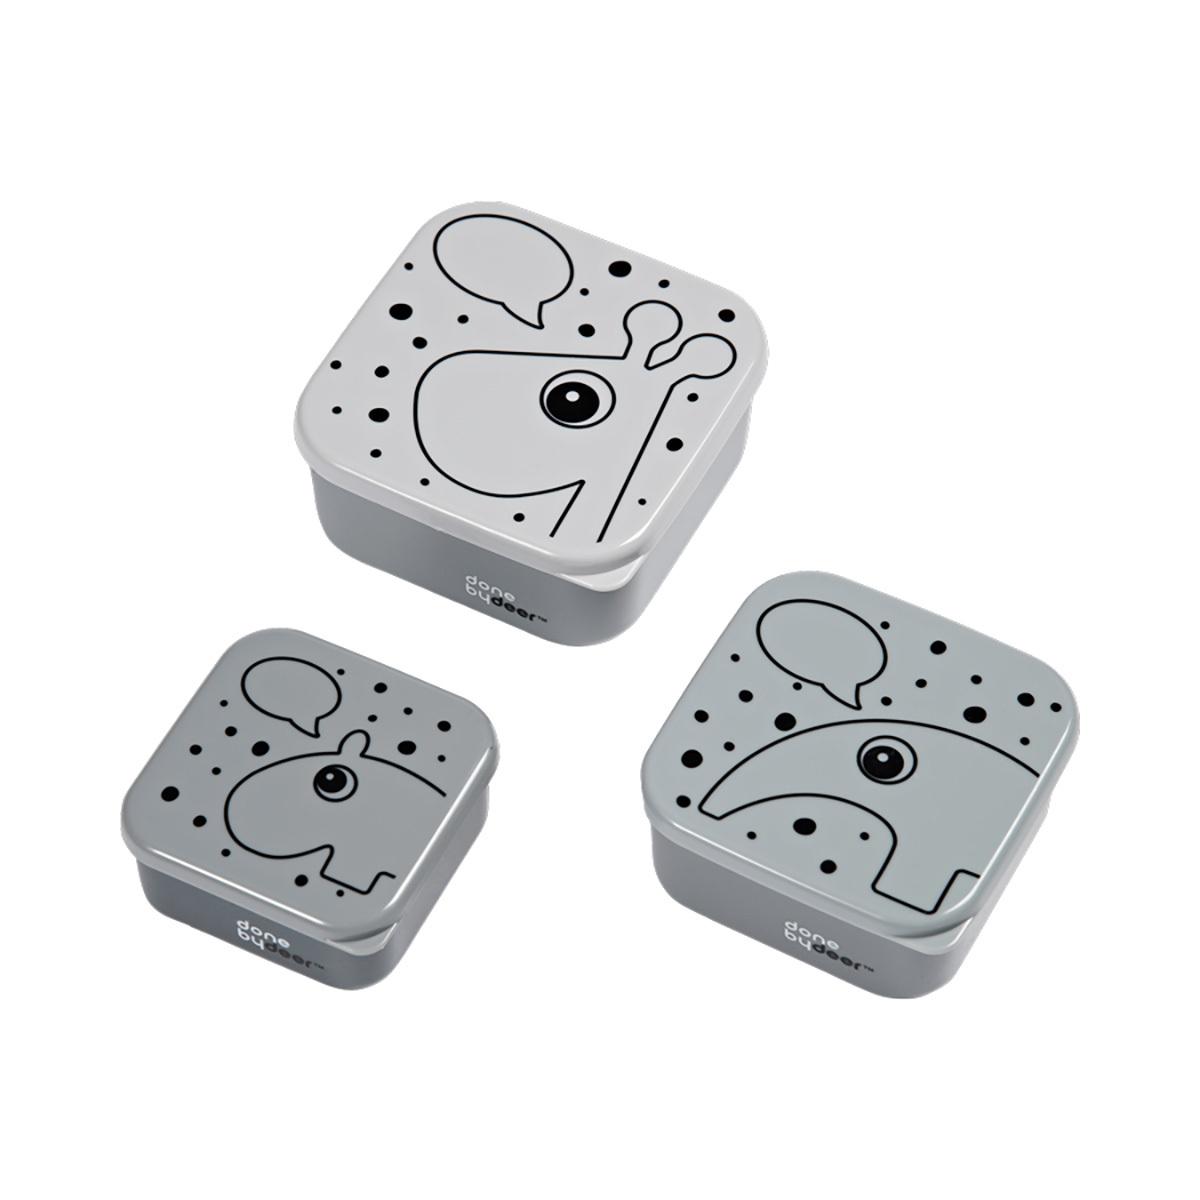 Vaisselle & Couvert Set de 3 Boîtes à Goûter Gigognes - Gris Set de 3 Boîtes à Goûter Gigognes - Gris